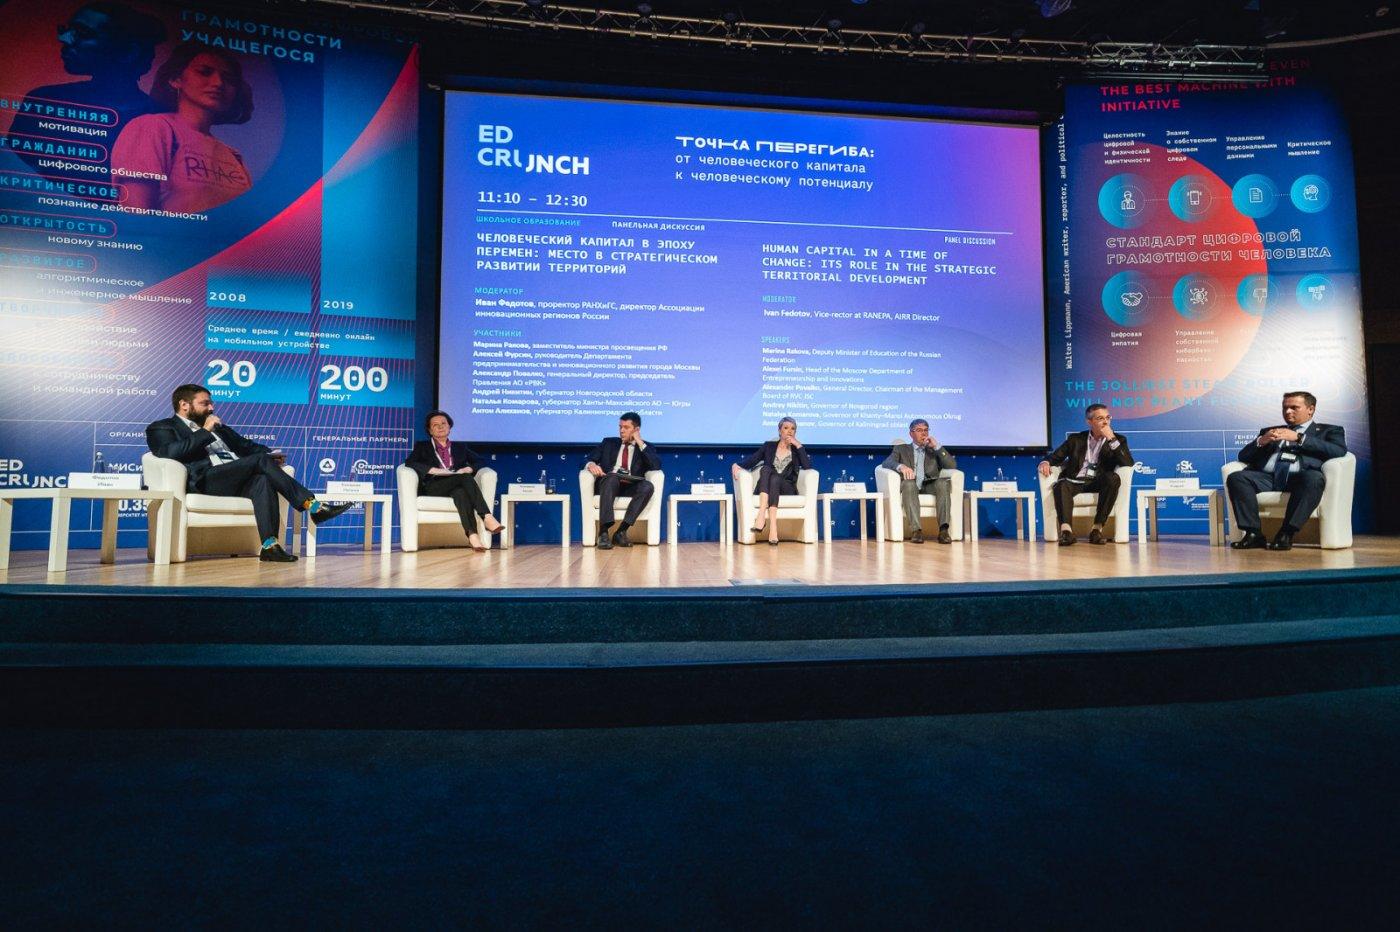 Ханты-Мансийский автономный округ будет использовать опыт Казахстана в сфере образования